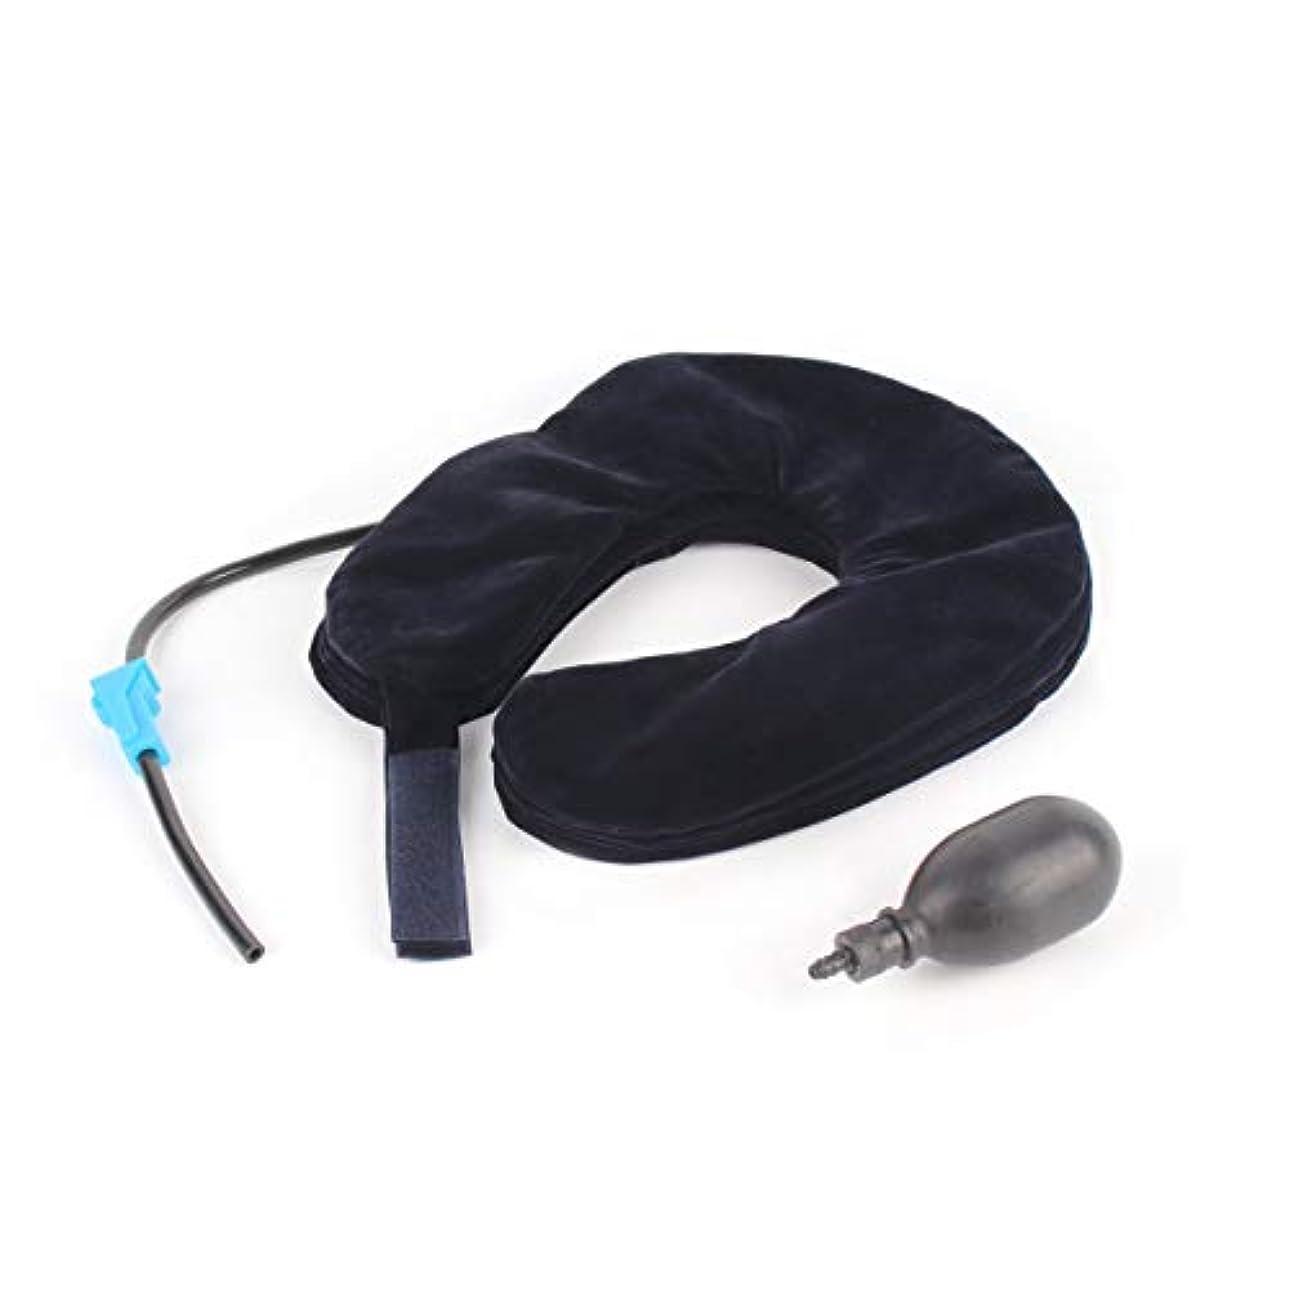 ポジティブ肺傀儡3層首牽引器具インフレータブルベルベットネックガードポータブルアジャスタブルネックサポートヘルスケア - ブルー